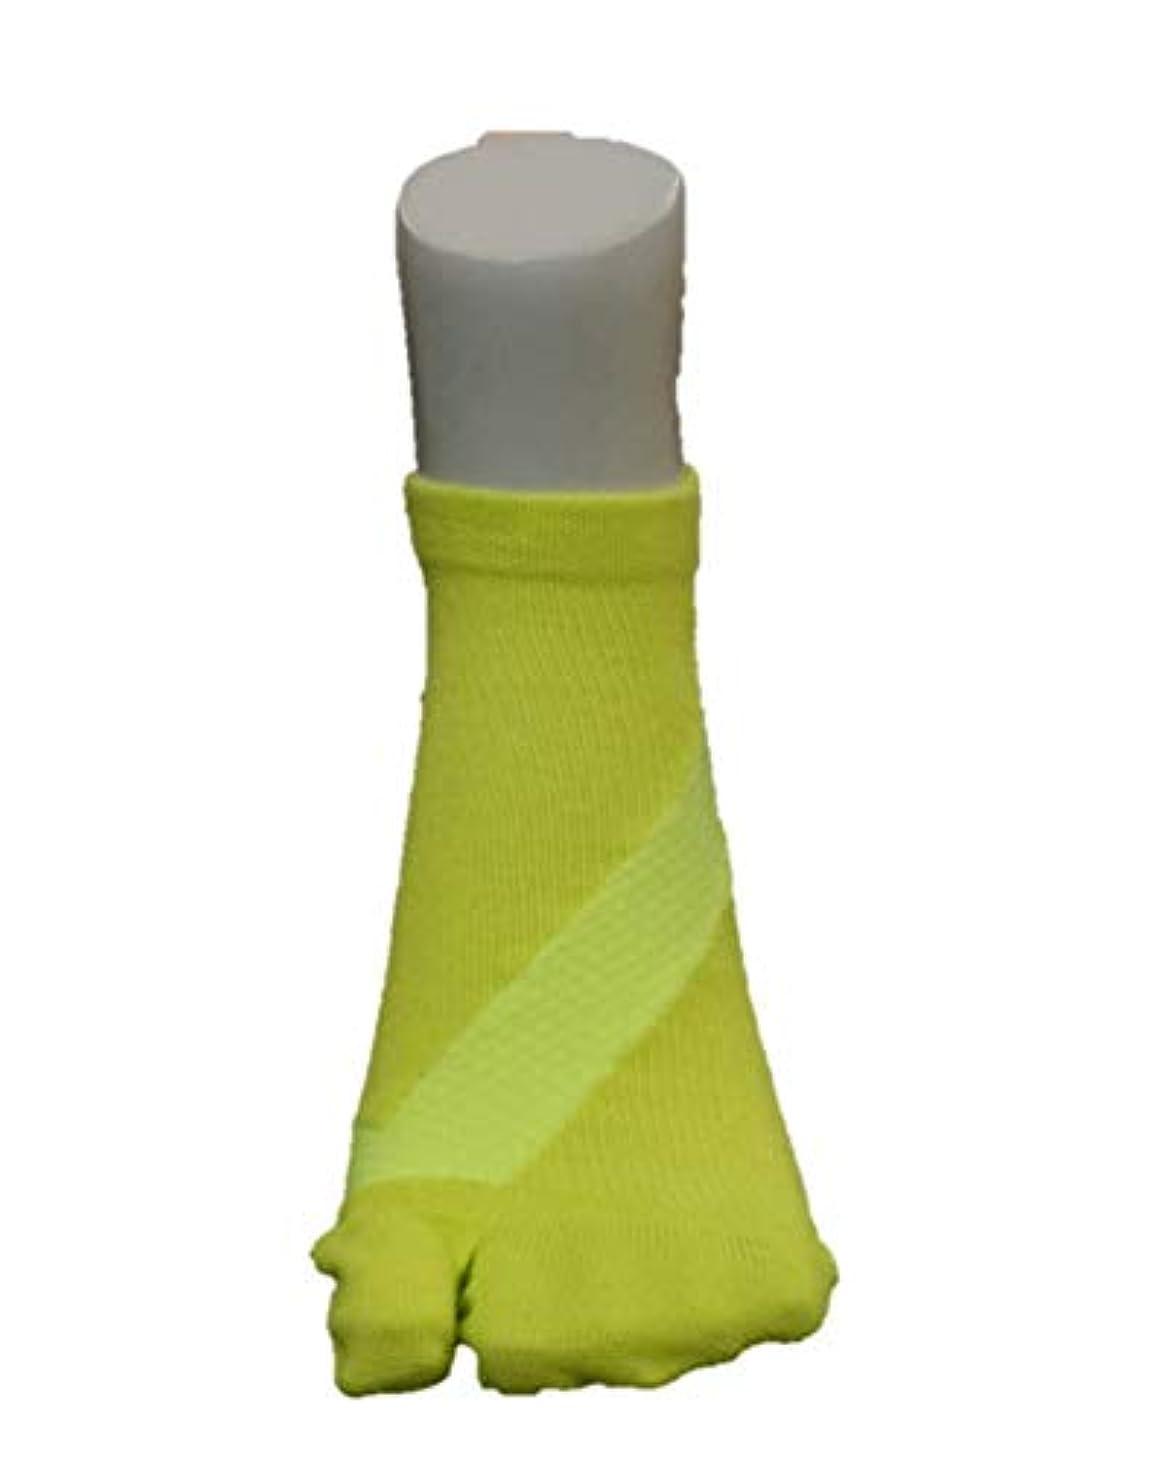 シェフインデックス透過性さとう式 フレクサーソックス アンクル 黄色 (M 24-26)